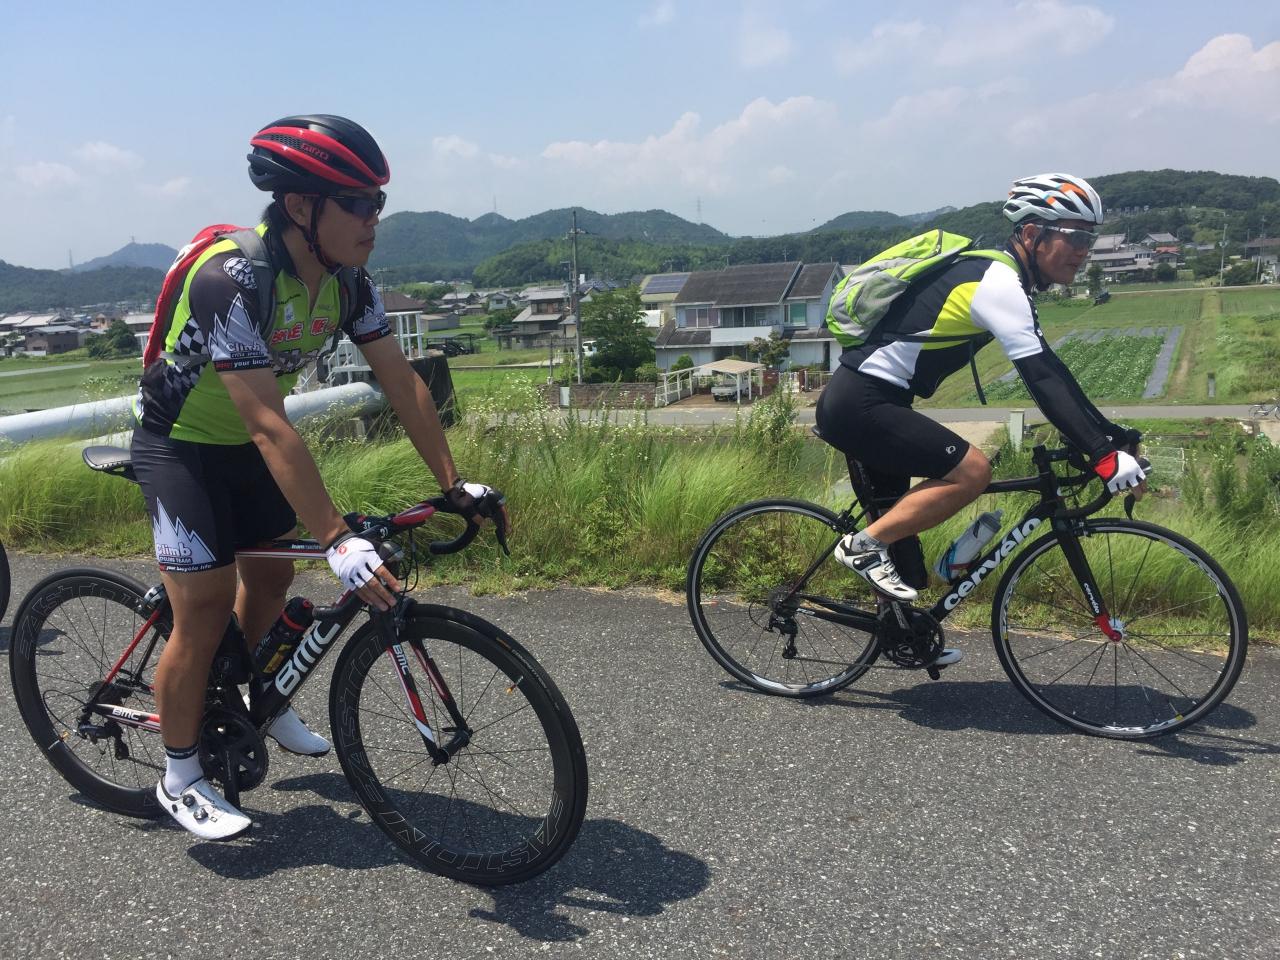 7/31 Climbツーリング ひまわり~佐用 100km 募る!